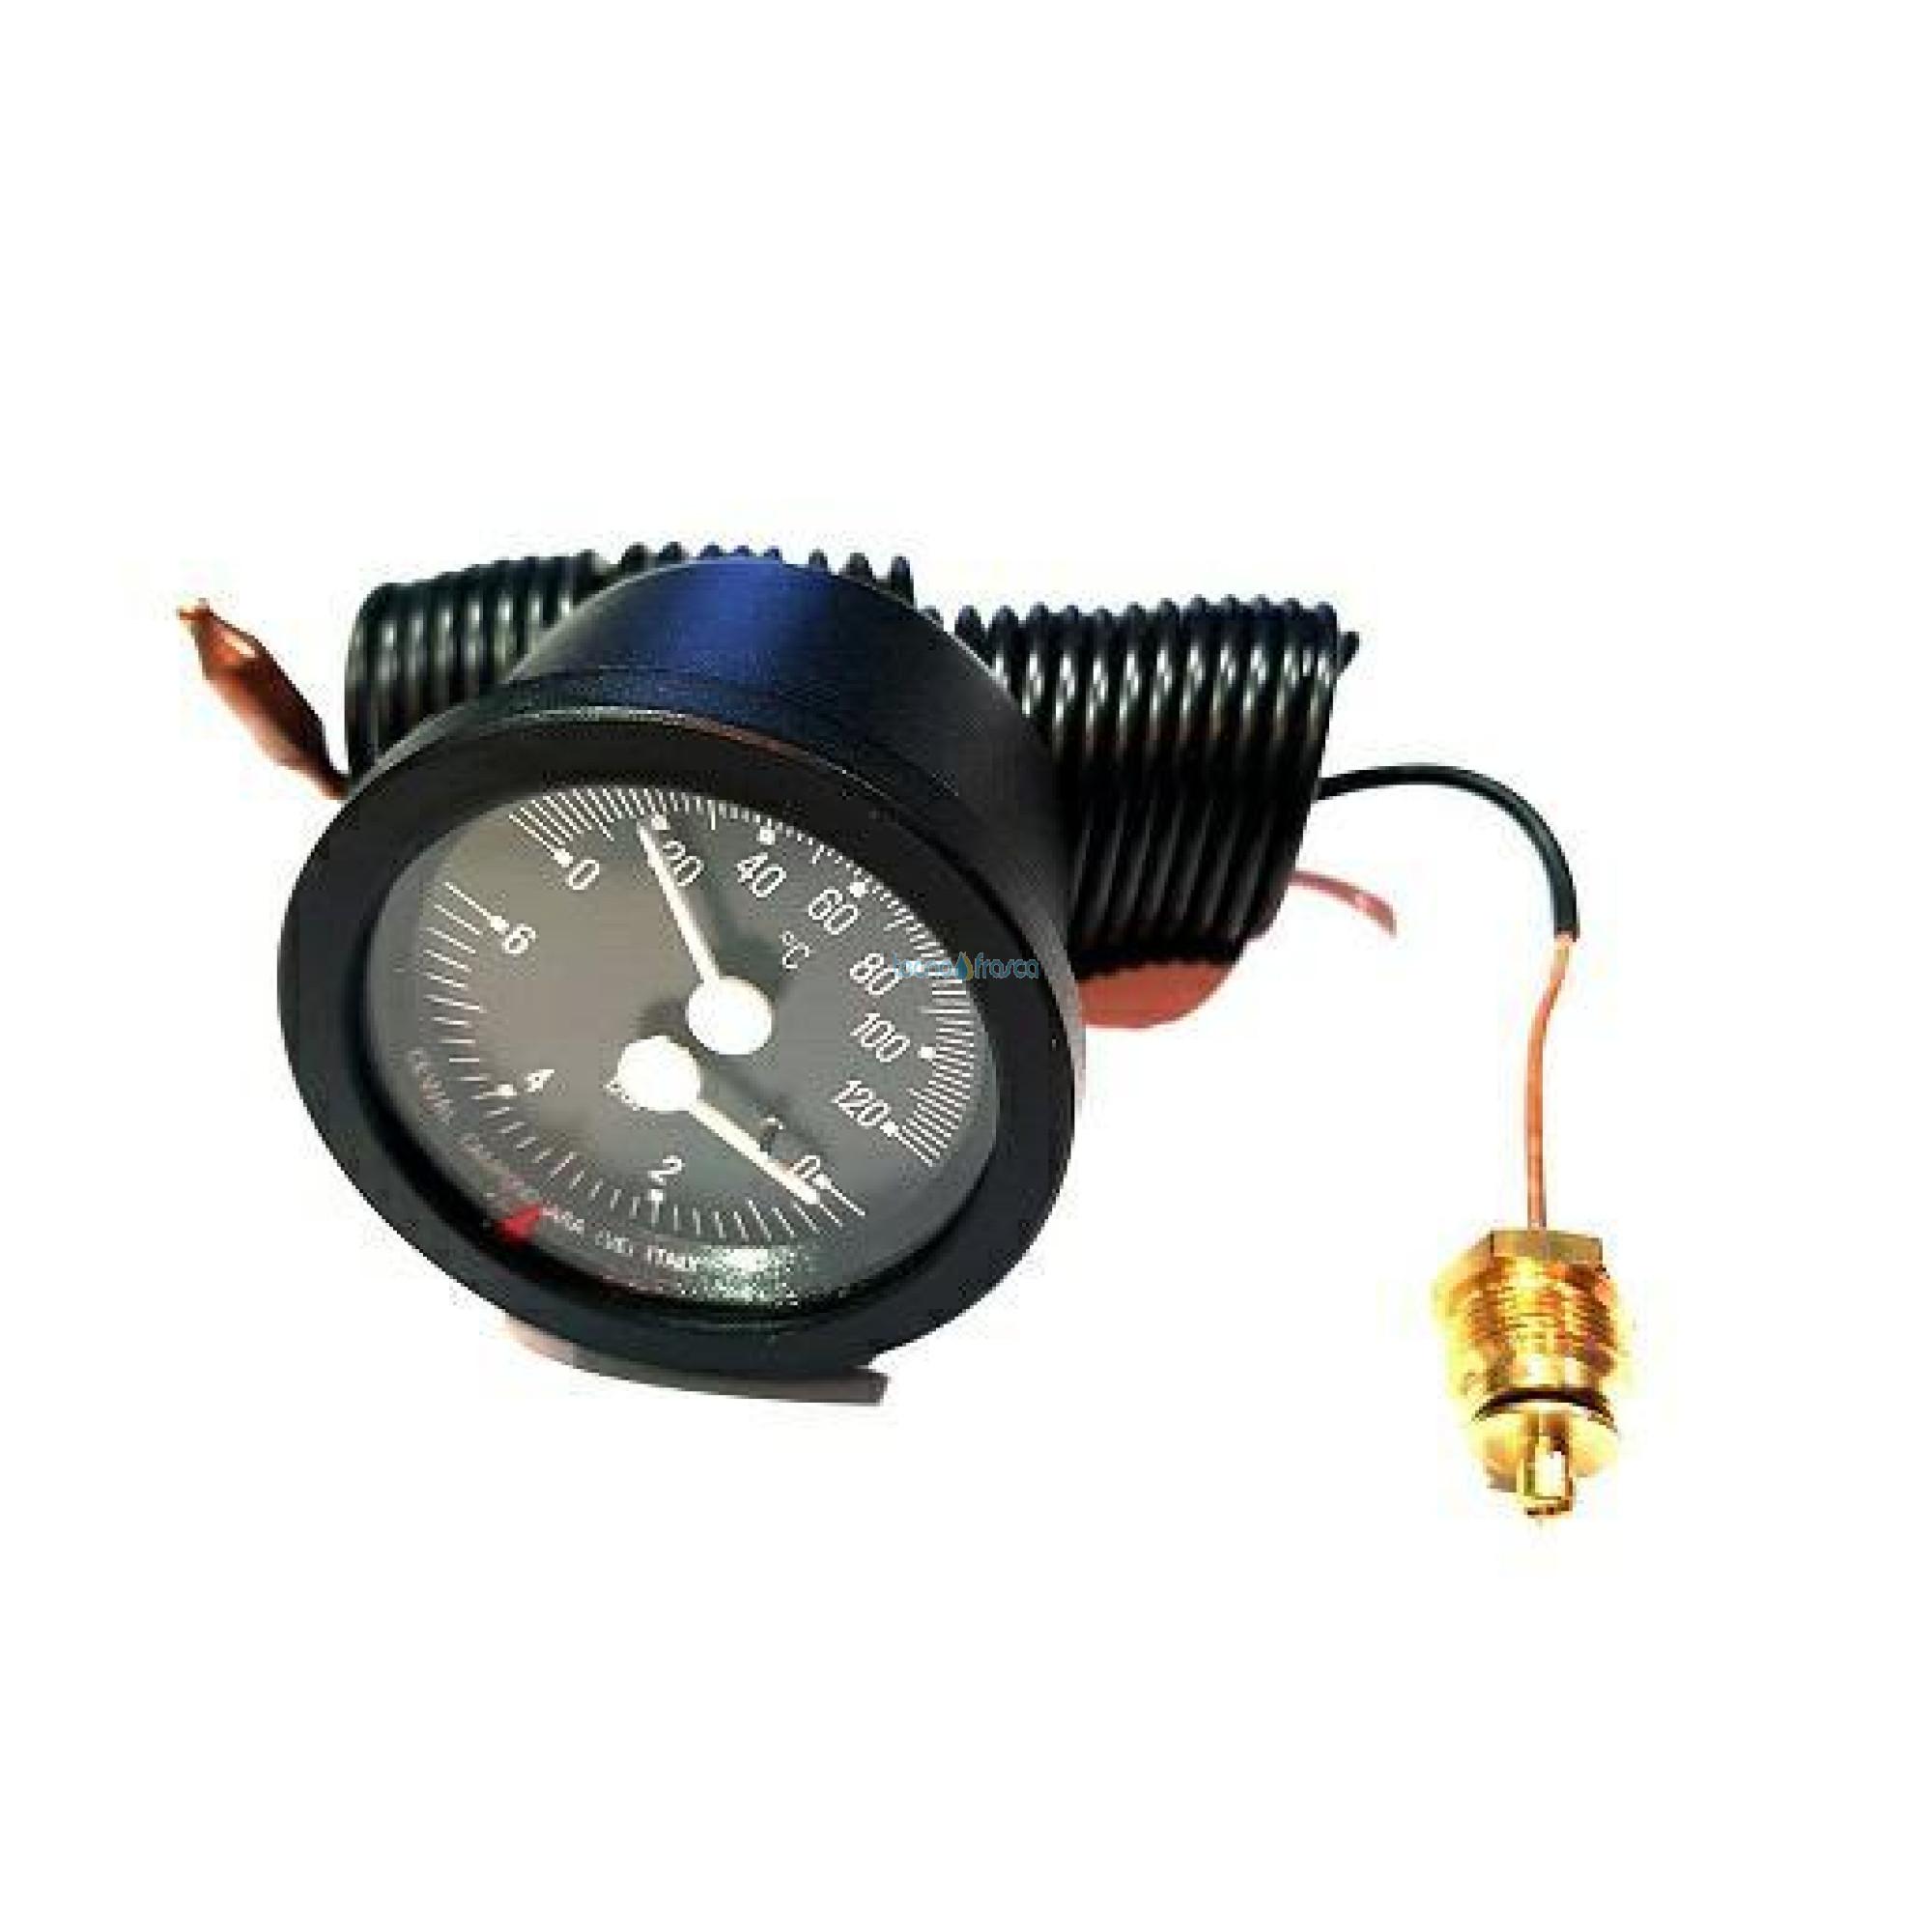 Termomanometro incasso d52 c/cap 1,5mt uen111157